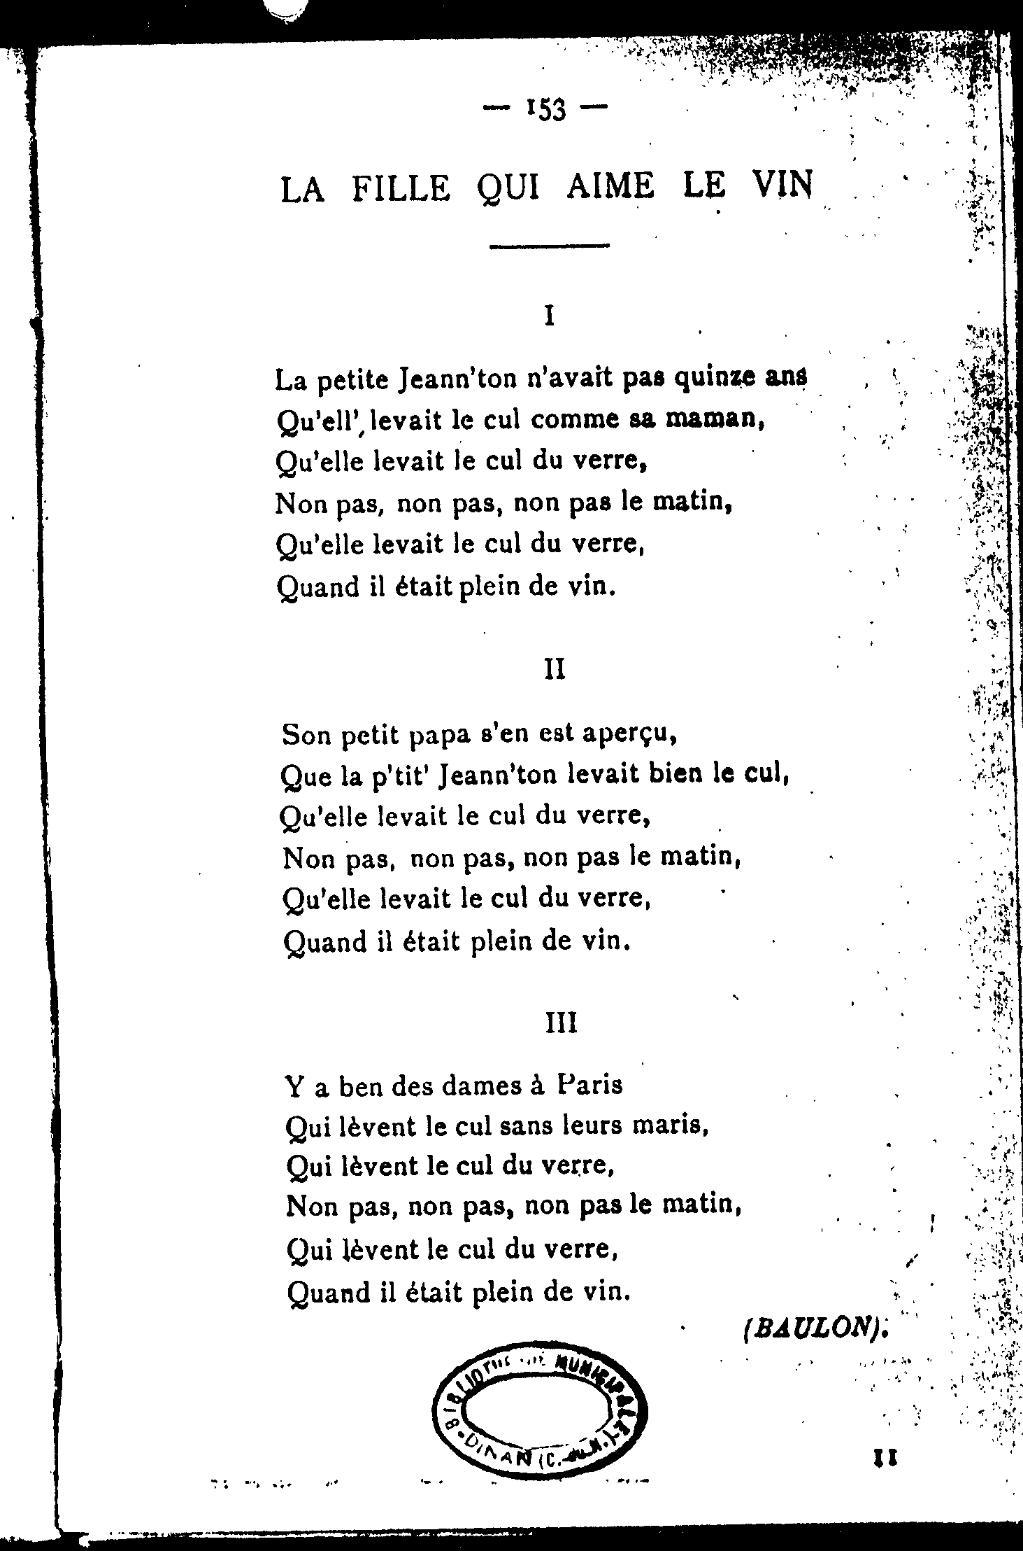 Non Pas Dans Le Cul : Page:Louis, Esquieu, Cahier, Chansons, Populaires.djvu/152, Wikisource